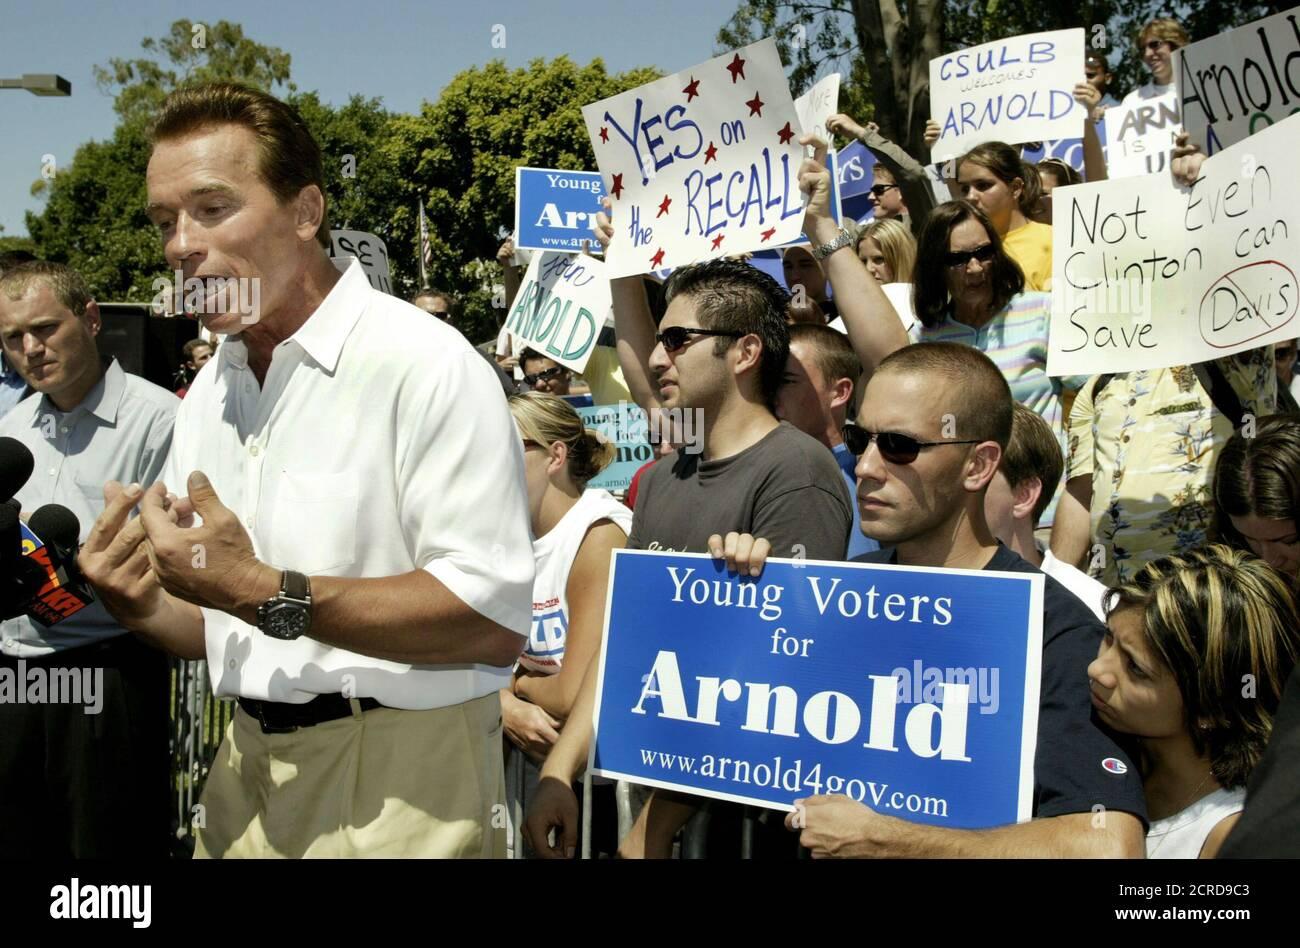 Actor y candidato republicano a gobernador para California Arnold Schwarzenegger se reúne con estudiantes durante una visita de campaña a la Universidad Estatal de California en Long Beach, 3 de septiembre de 2003. El actor está visiblemente saltando el miércoles el primero de una serie de debates con el gobernador Gray Davis y los mejores candidatos que quieren reemplazarlo, en la elección de destitución sin precedentes del estado. La votación de retirada está programada para el 7 de octubre. REUTERS/Robert Galbraith RG/GN Foto de stock